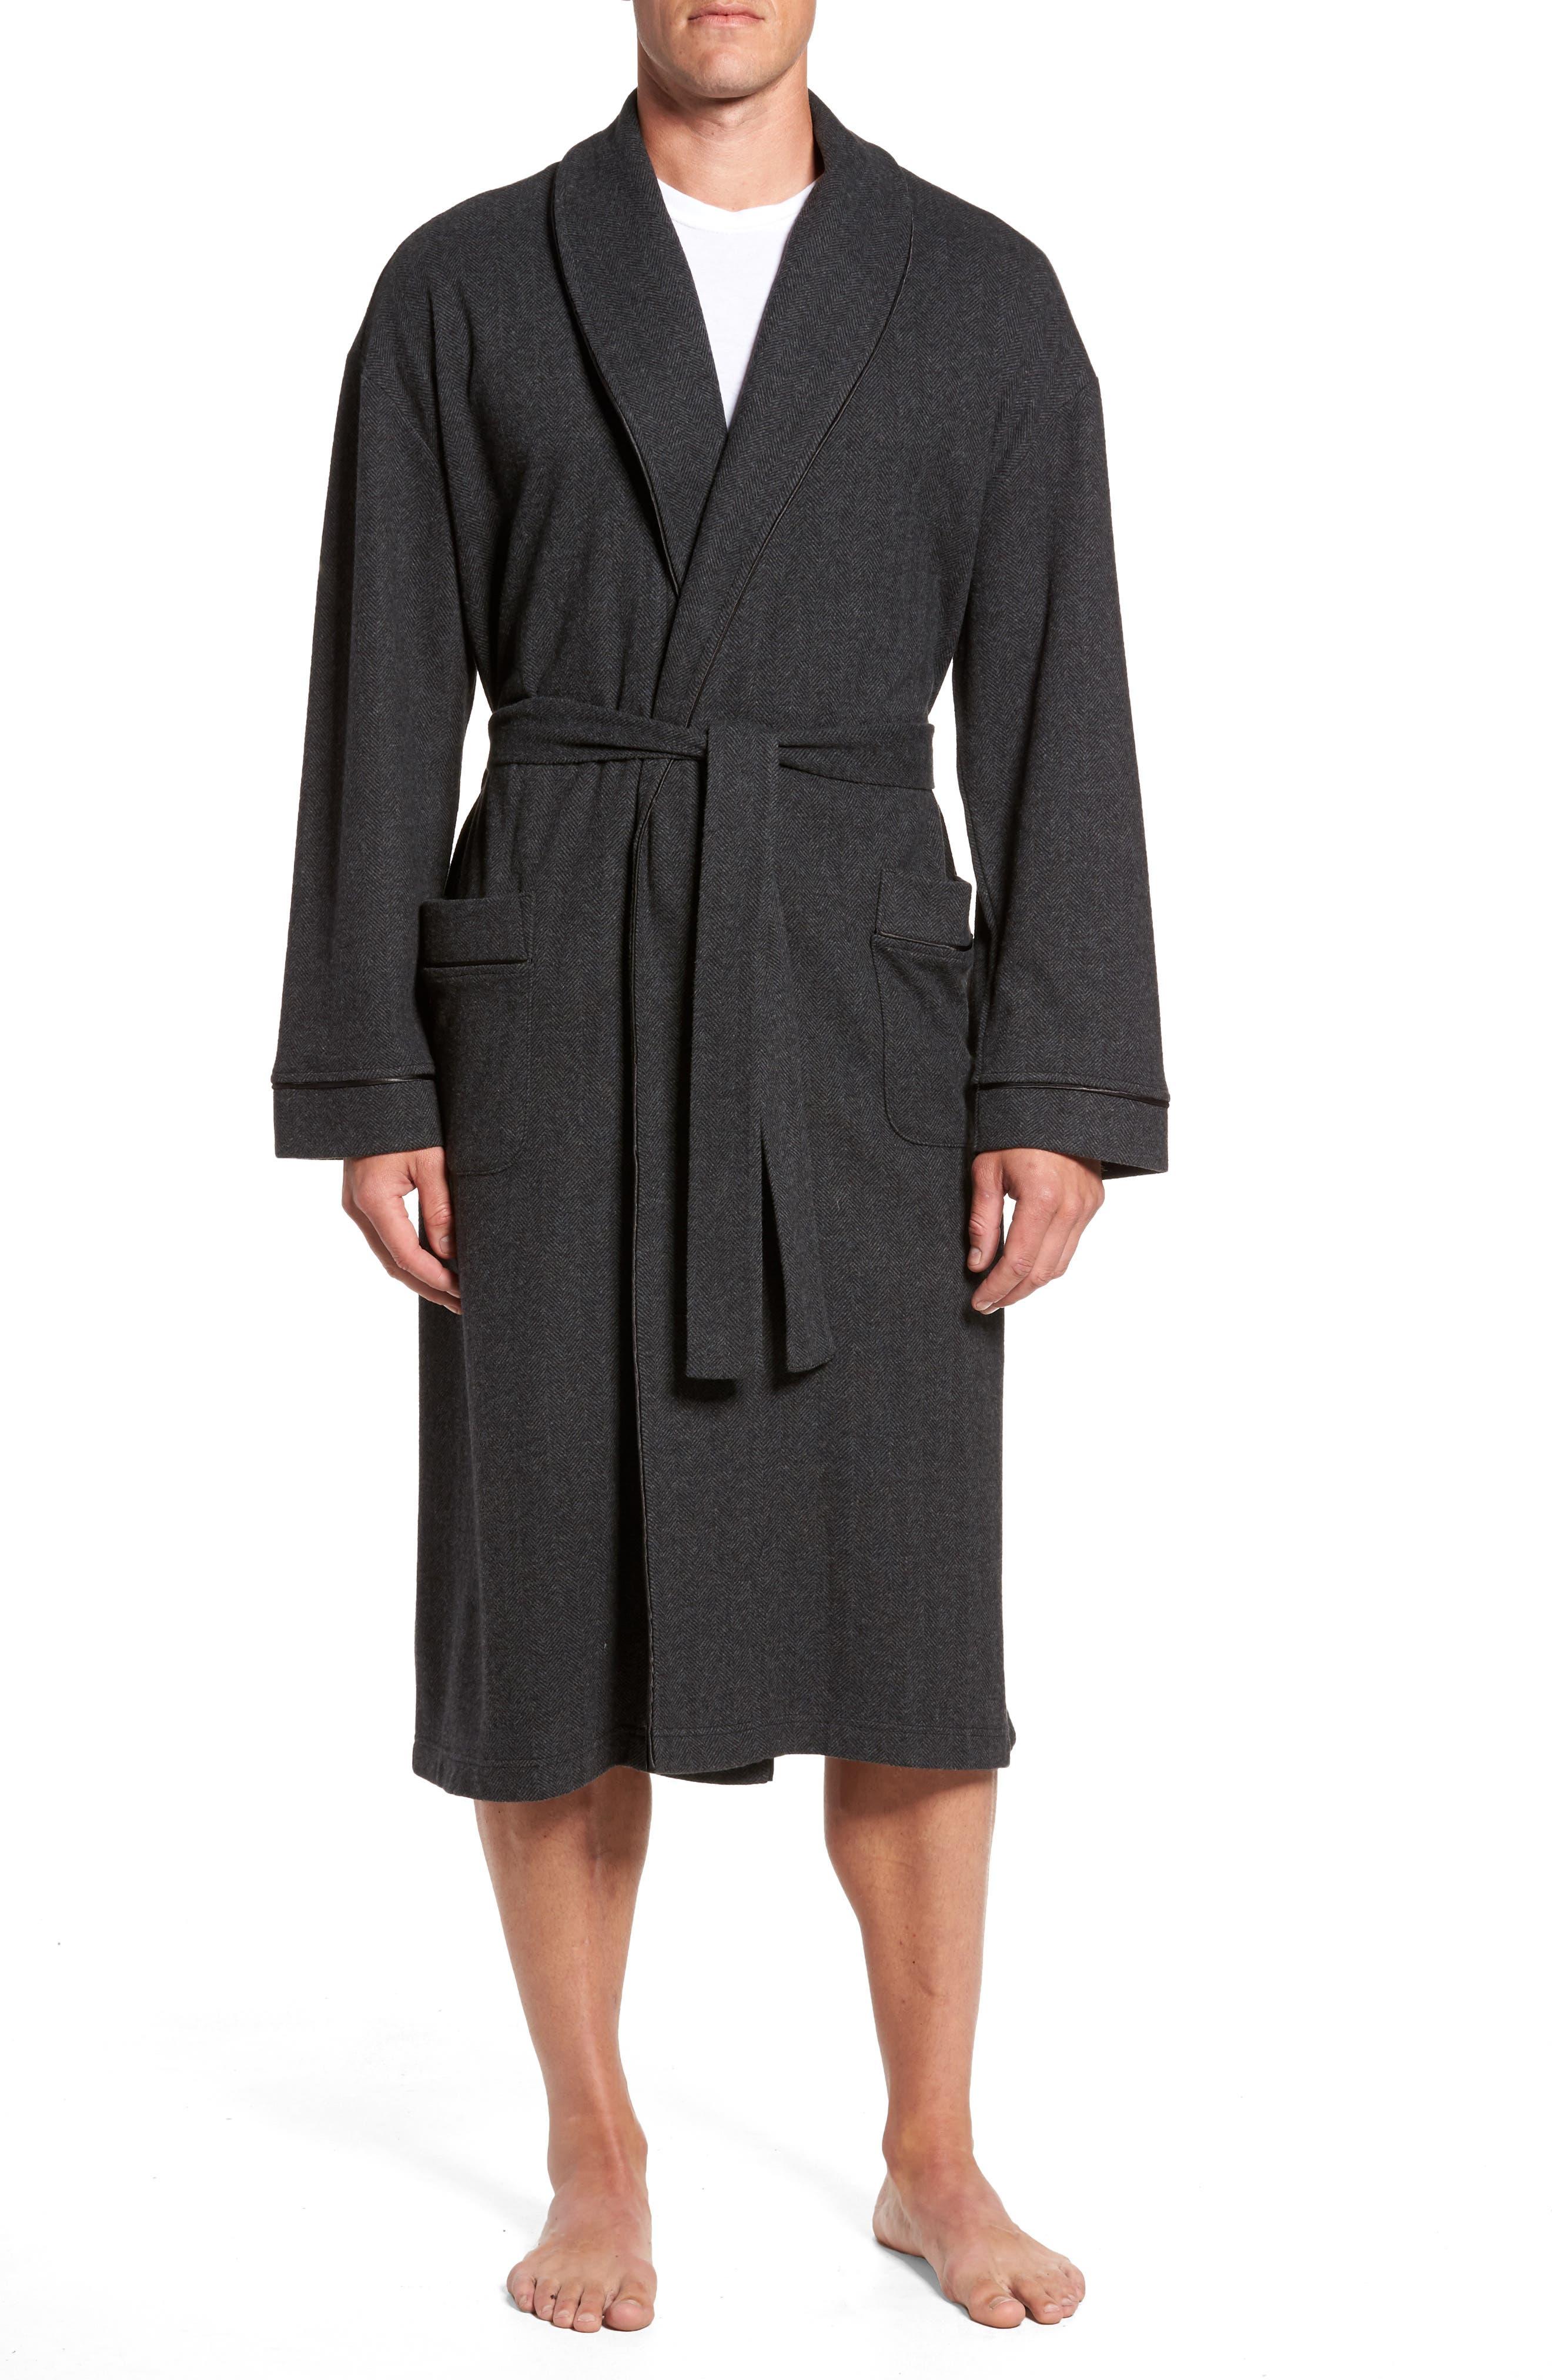 Majestic International Grayson Robe